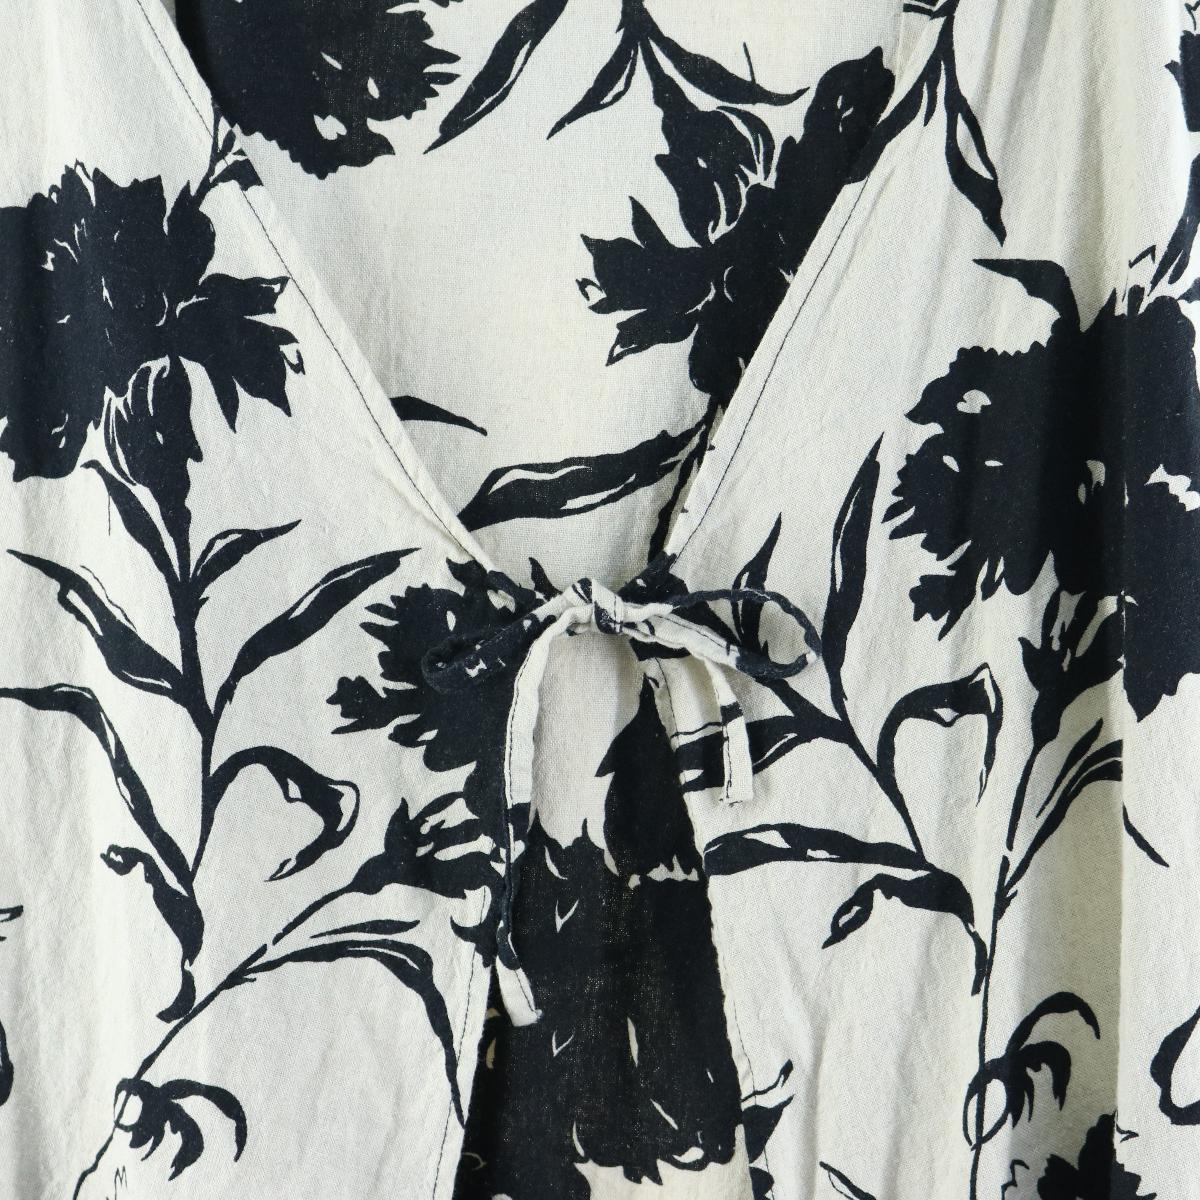 花柄 ノースリーブワンピース フリーサイズwbi7319200314SS2007H9WE2IDY